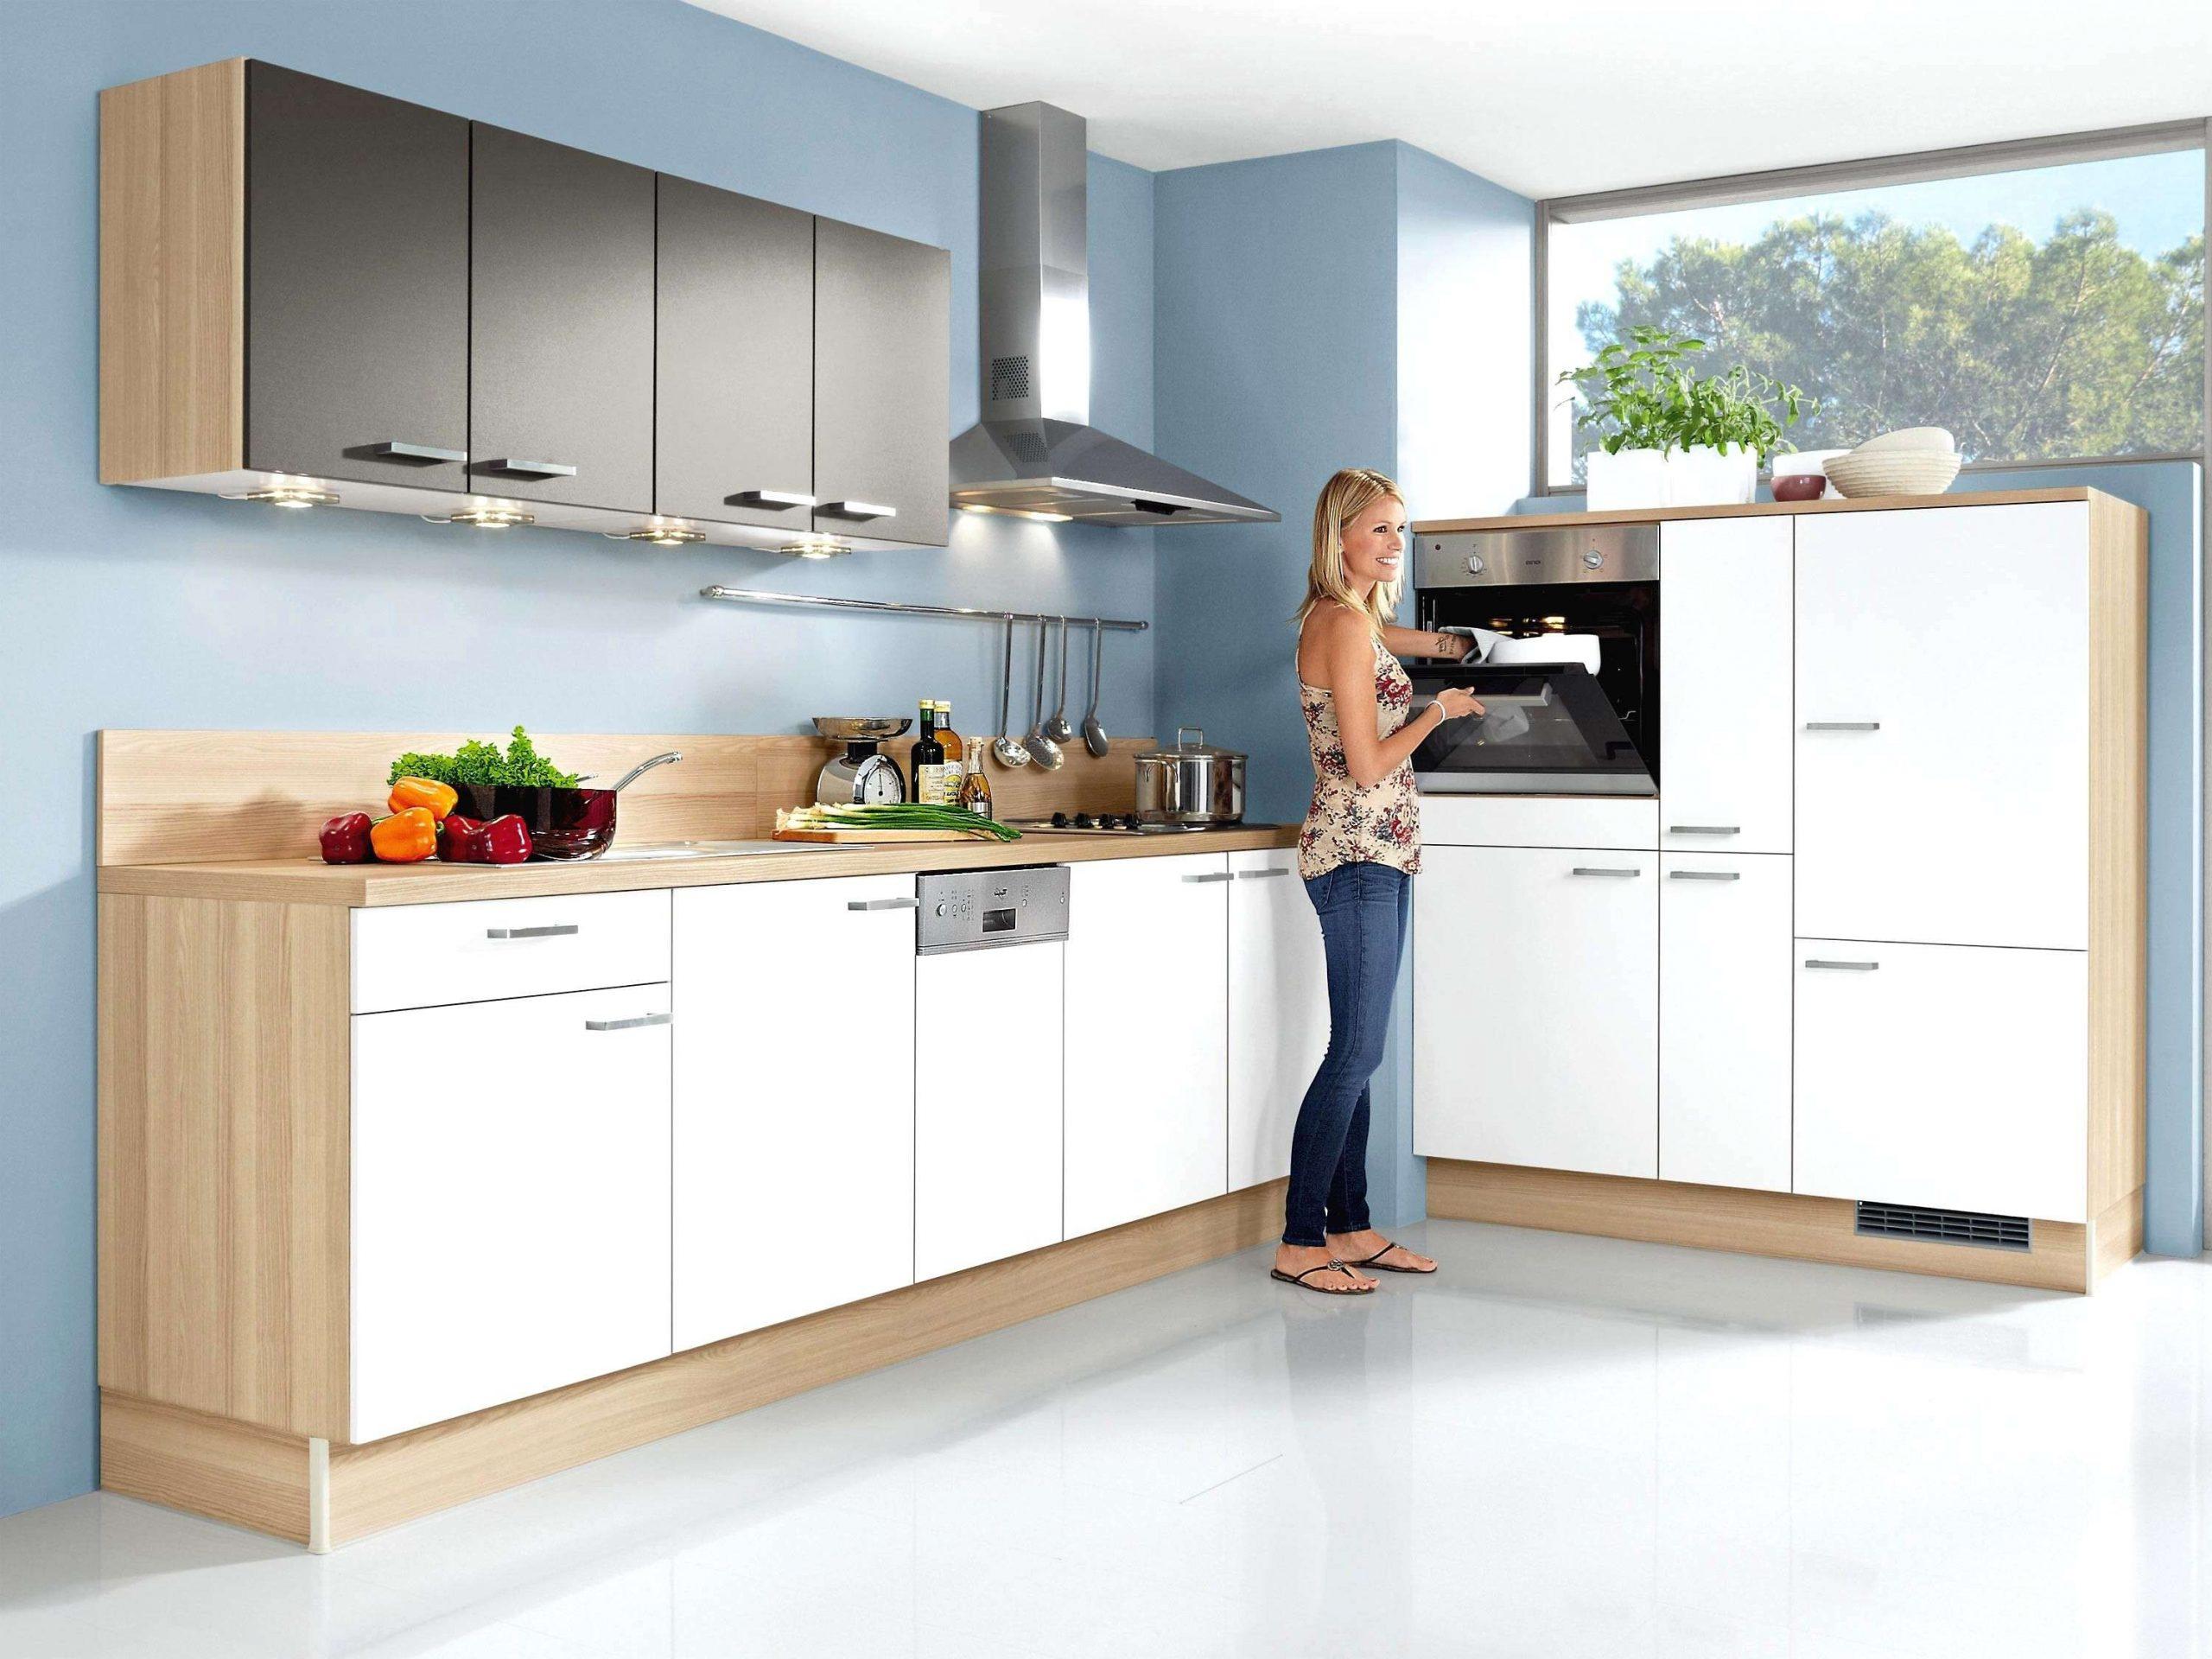 Full Size of 43 Luxus Roller Kchen Beratung Kitchen Regale Küchen Regal Wohnzimmer Roller Küchen